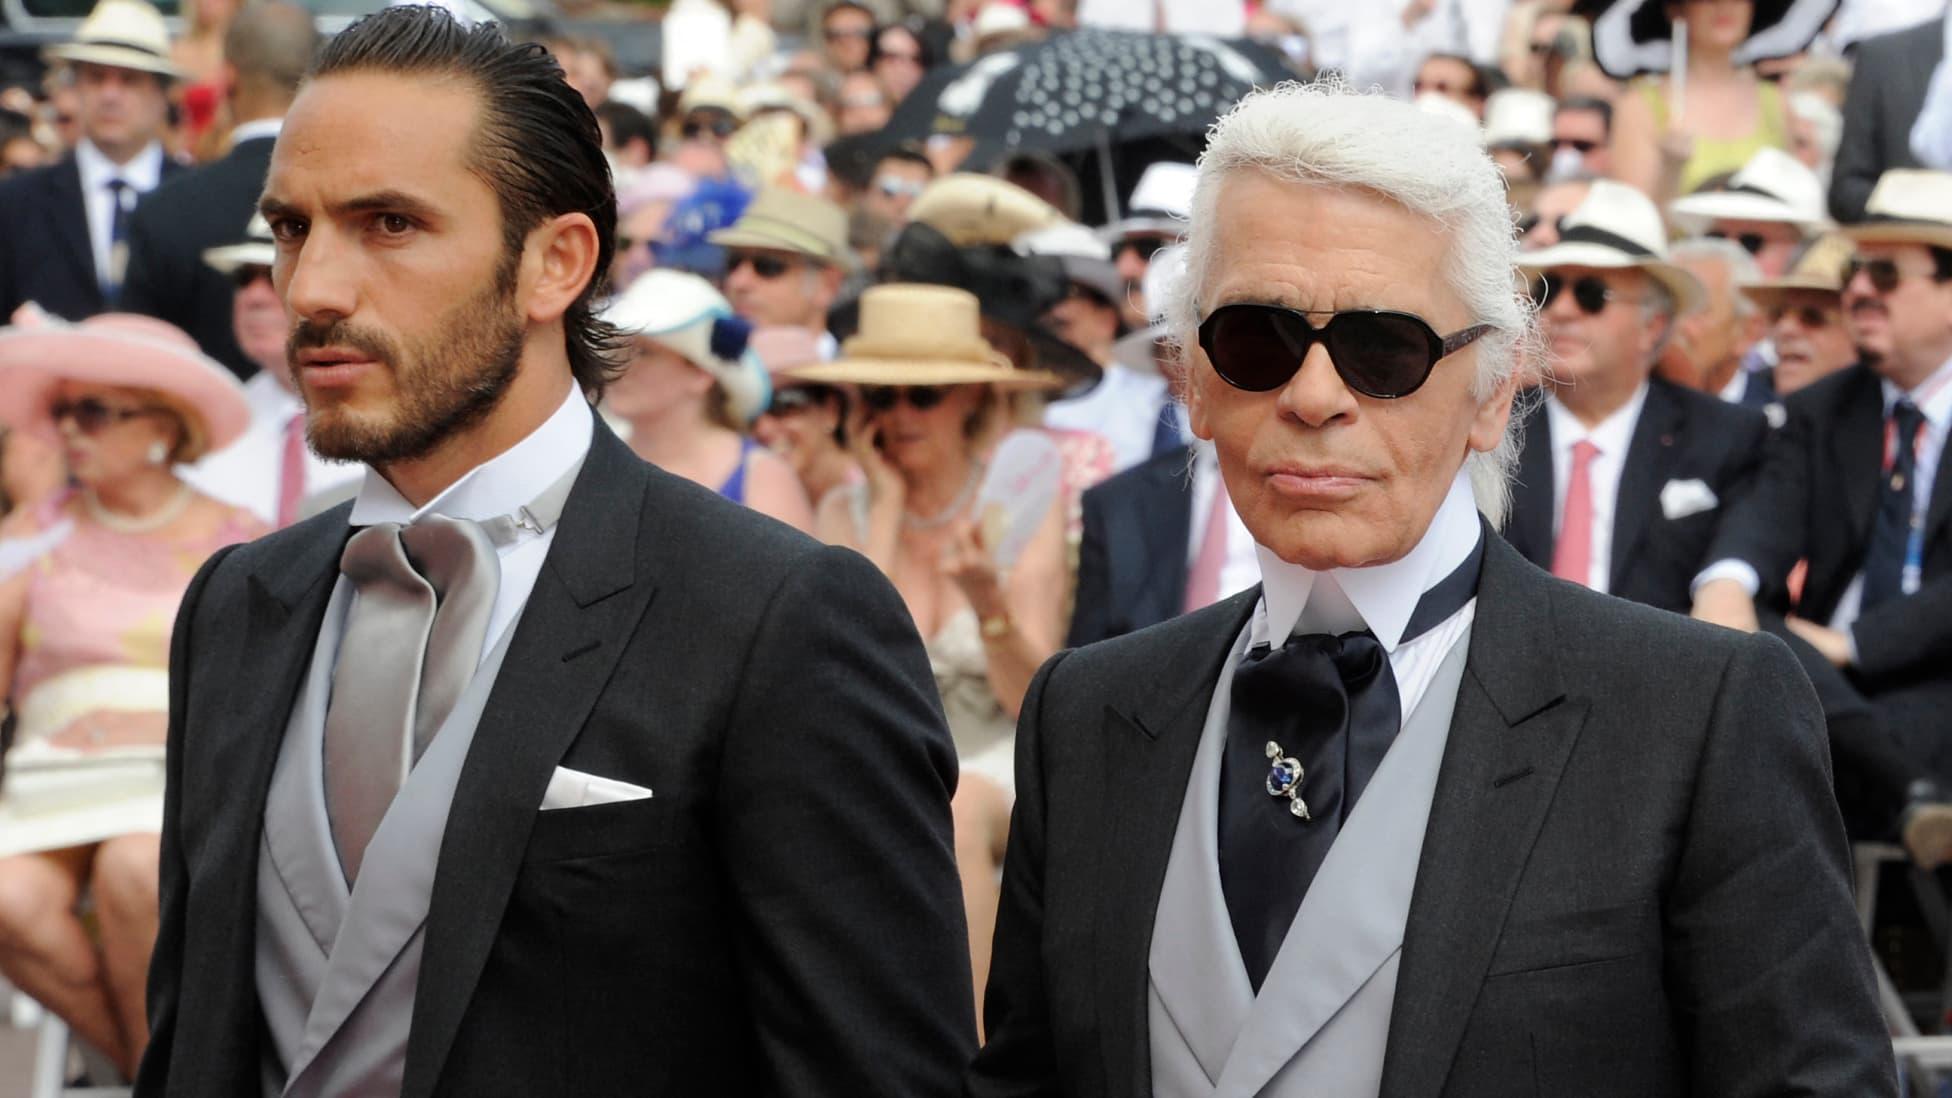 L'ancien garde du corps de Karl Lagerfeld raconte son parcours à ses côtés - BFMTV